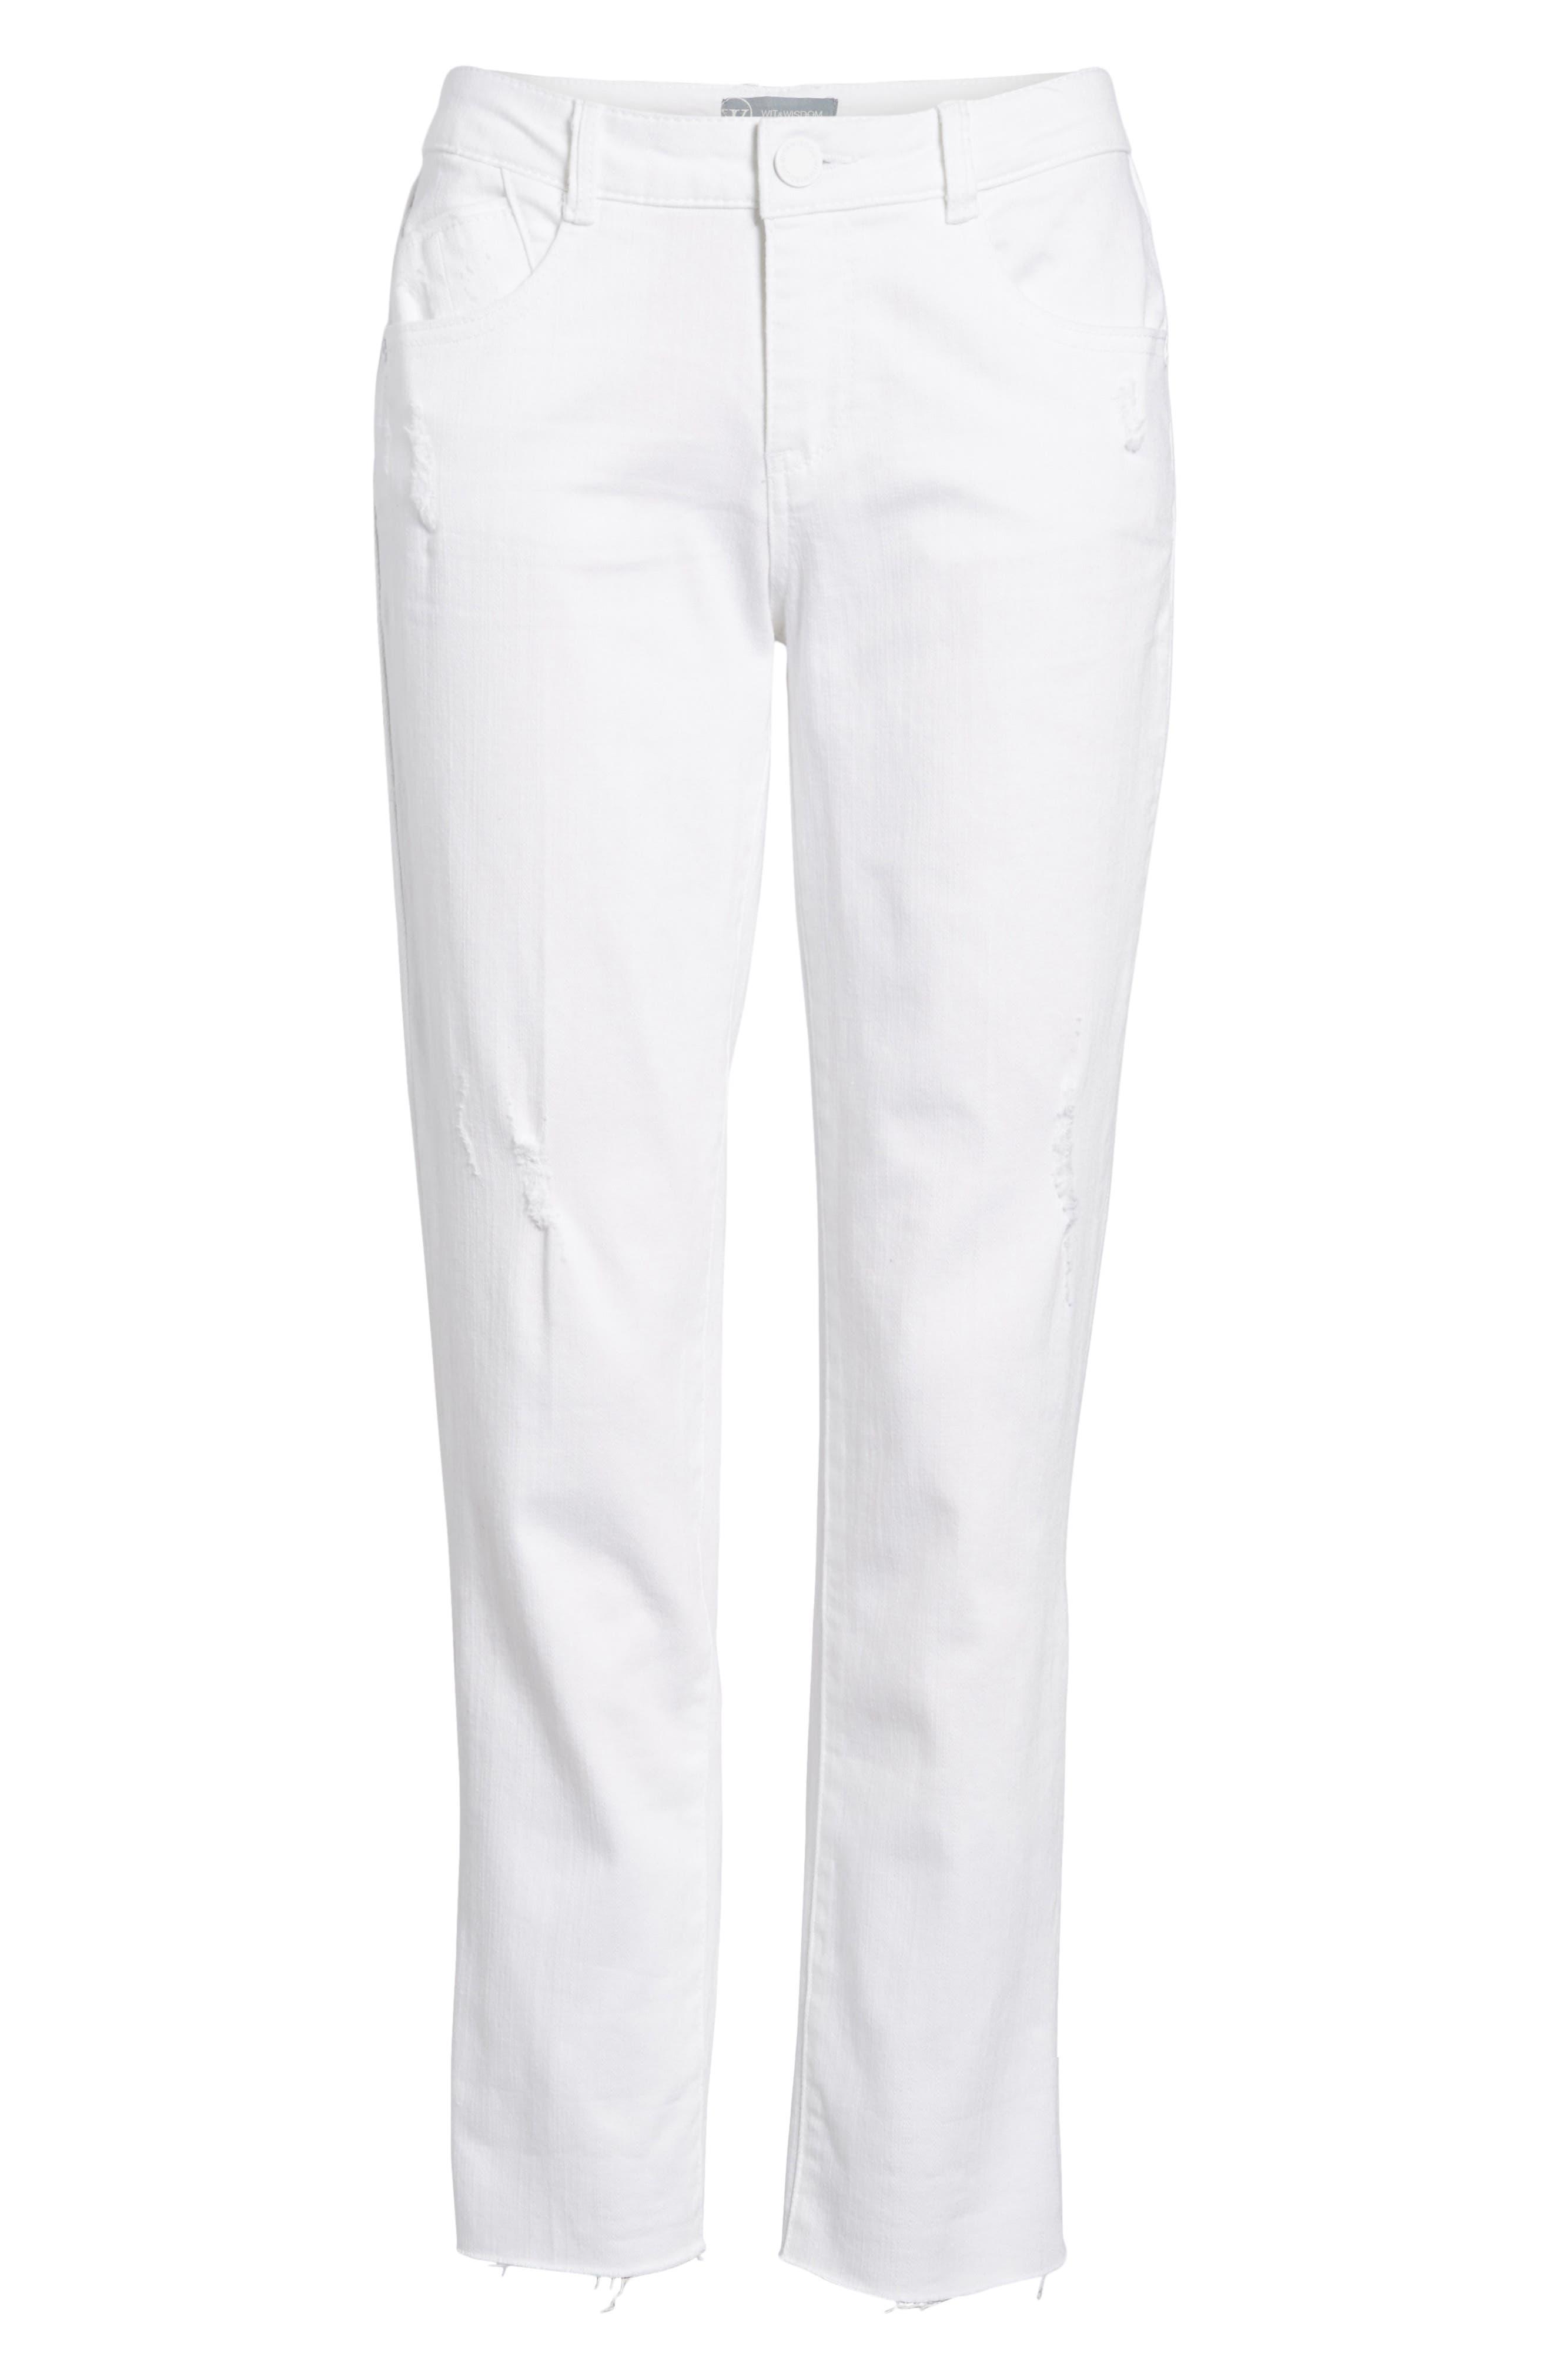 Flex-ellent Cuffed Boyfriend Jeans,                             Alternate thumbnail 7, color,                             Optic White